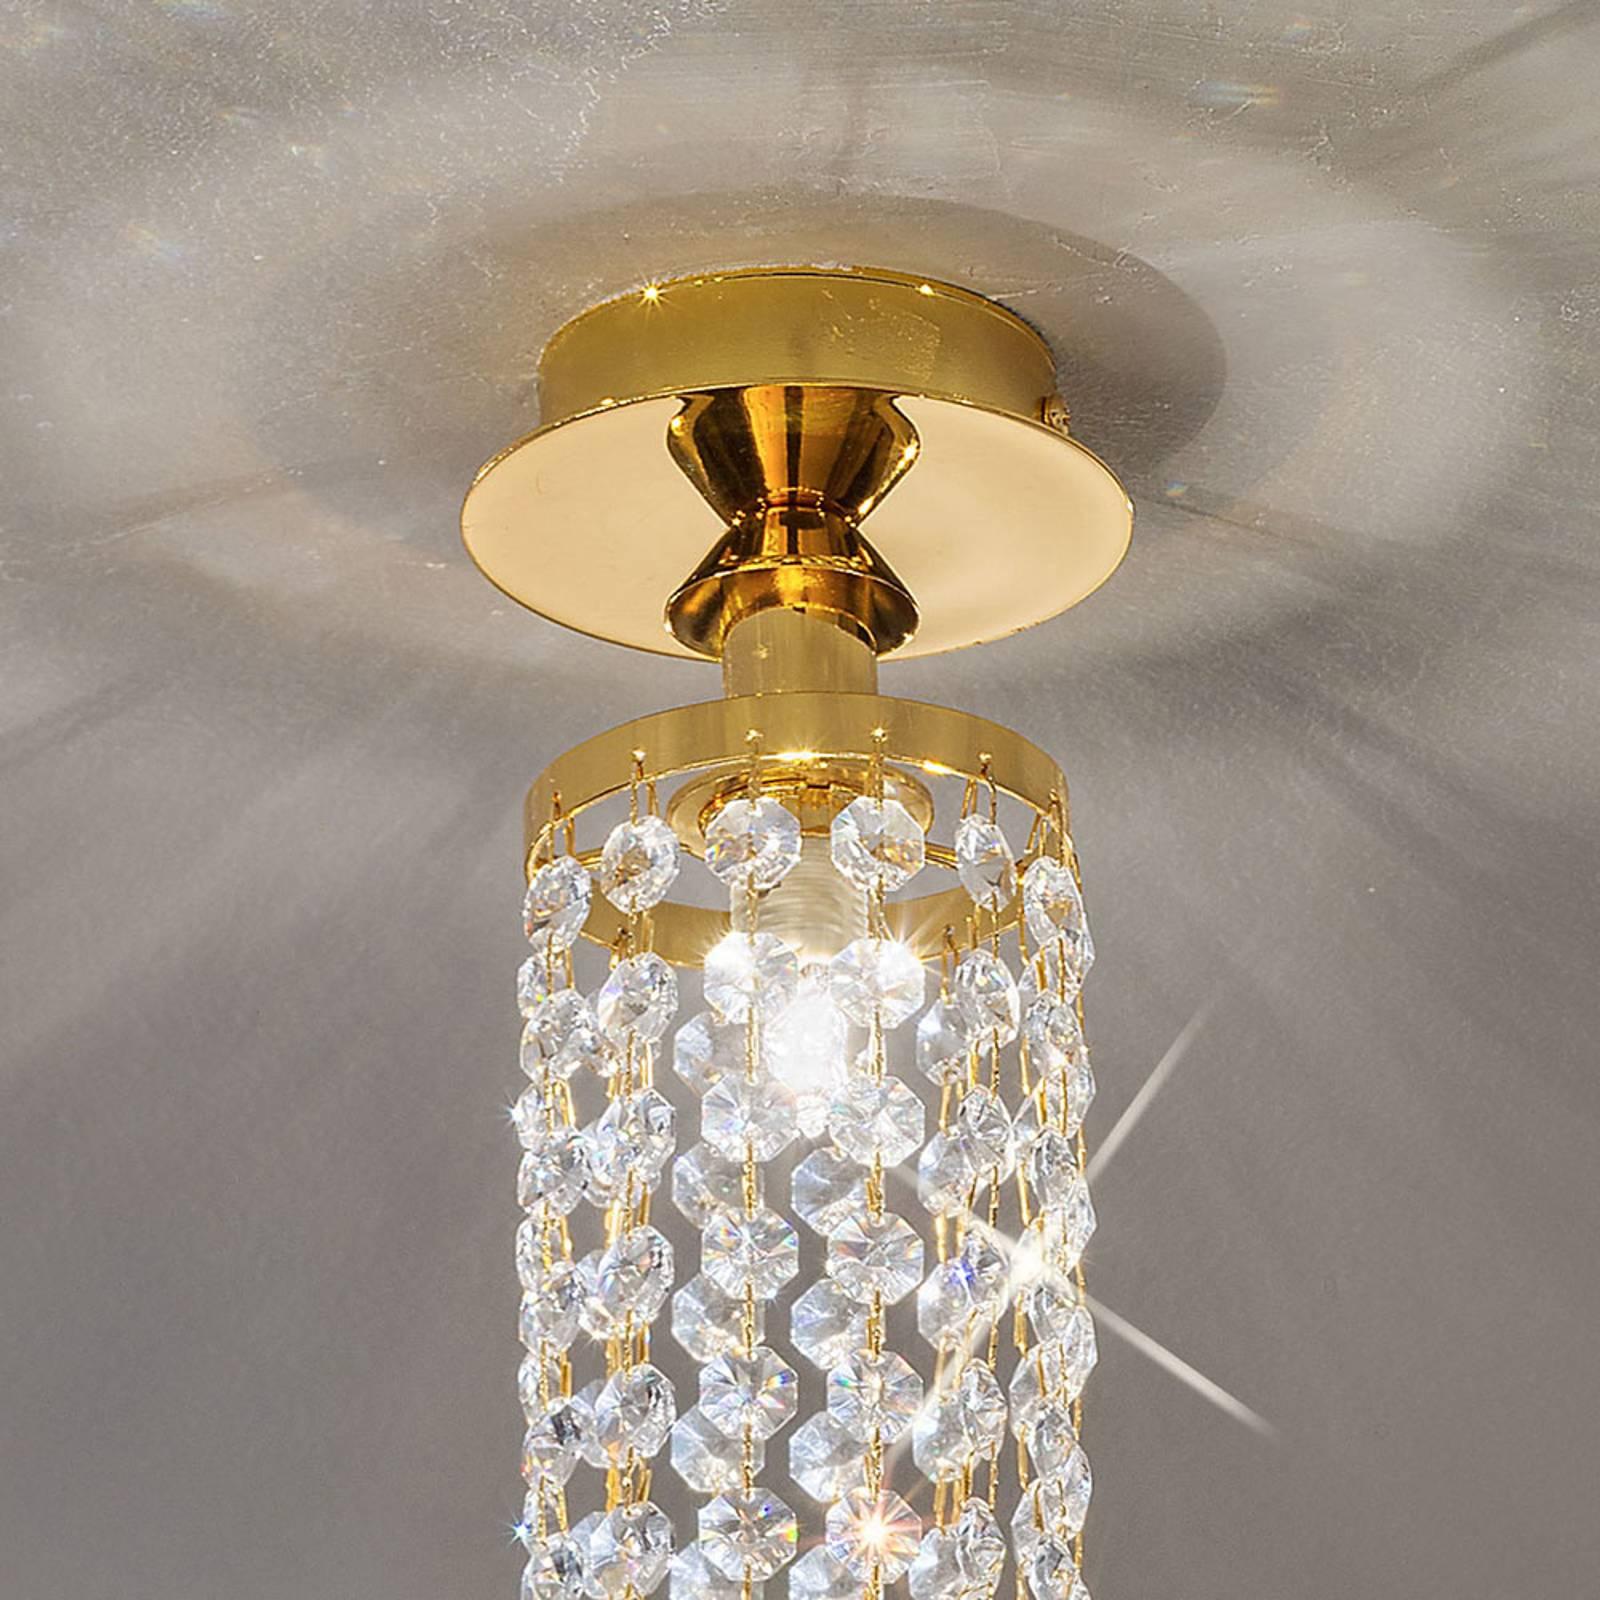 KOLARZ Charleston plafondlamp kristal, Ø 10cm